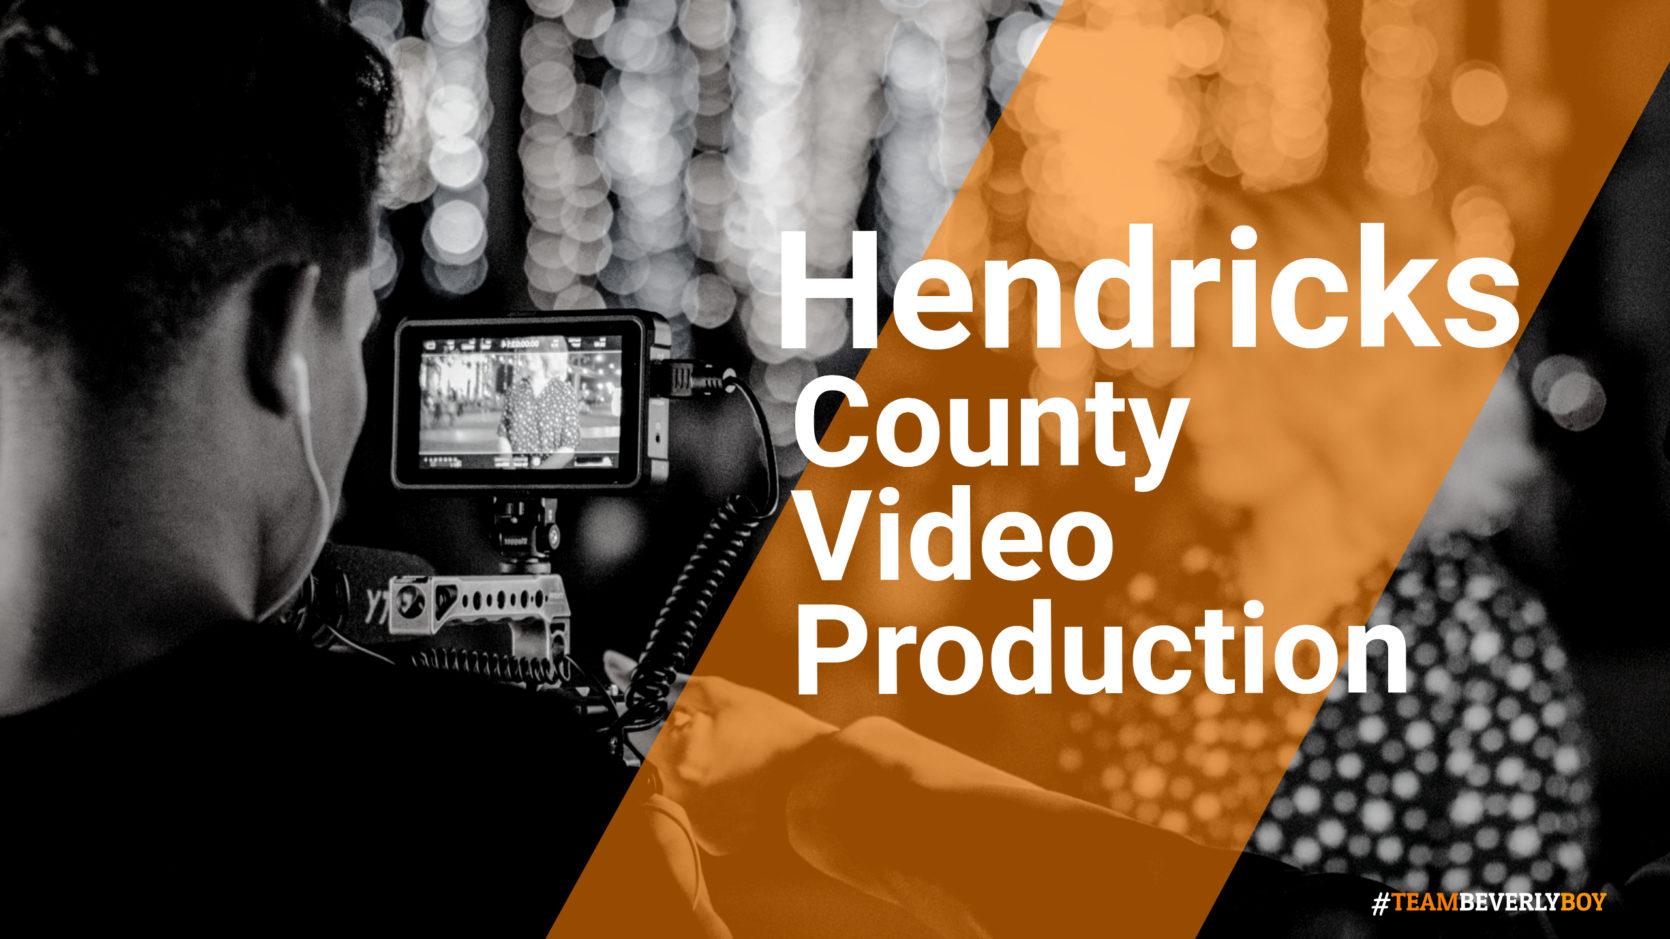 Hendricks County Video Production